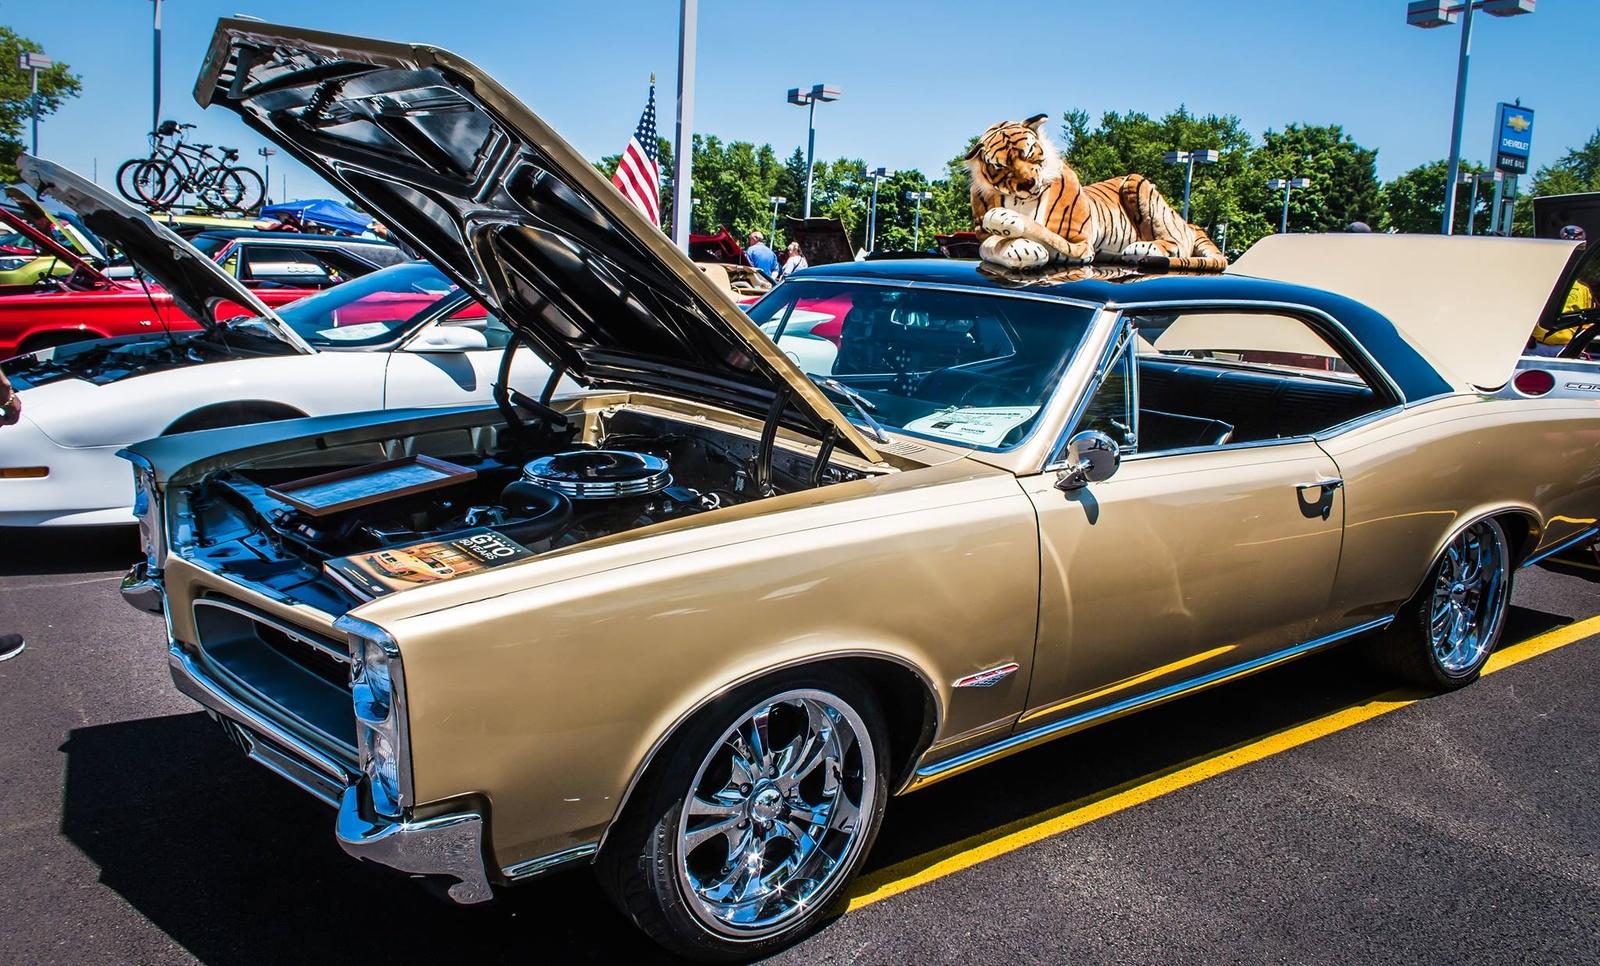 Pontiac Gto Restoration Guide Pdf